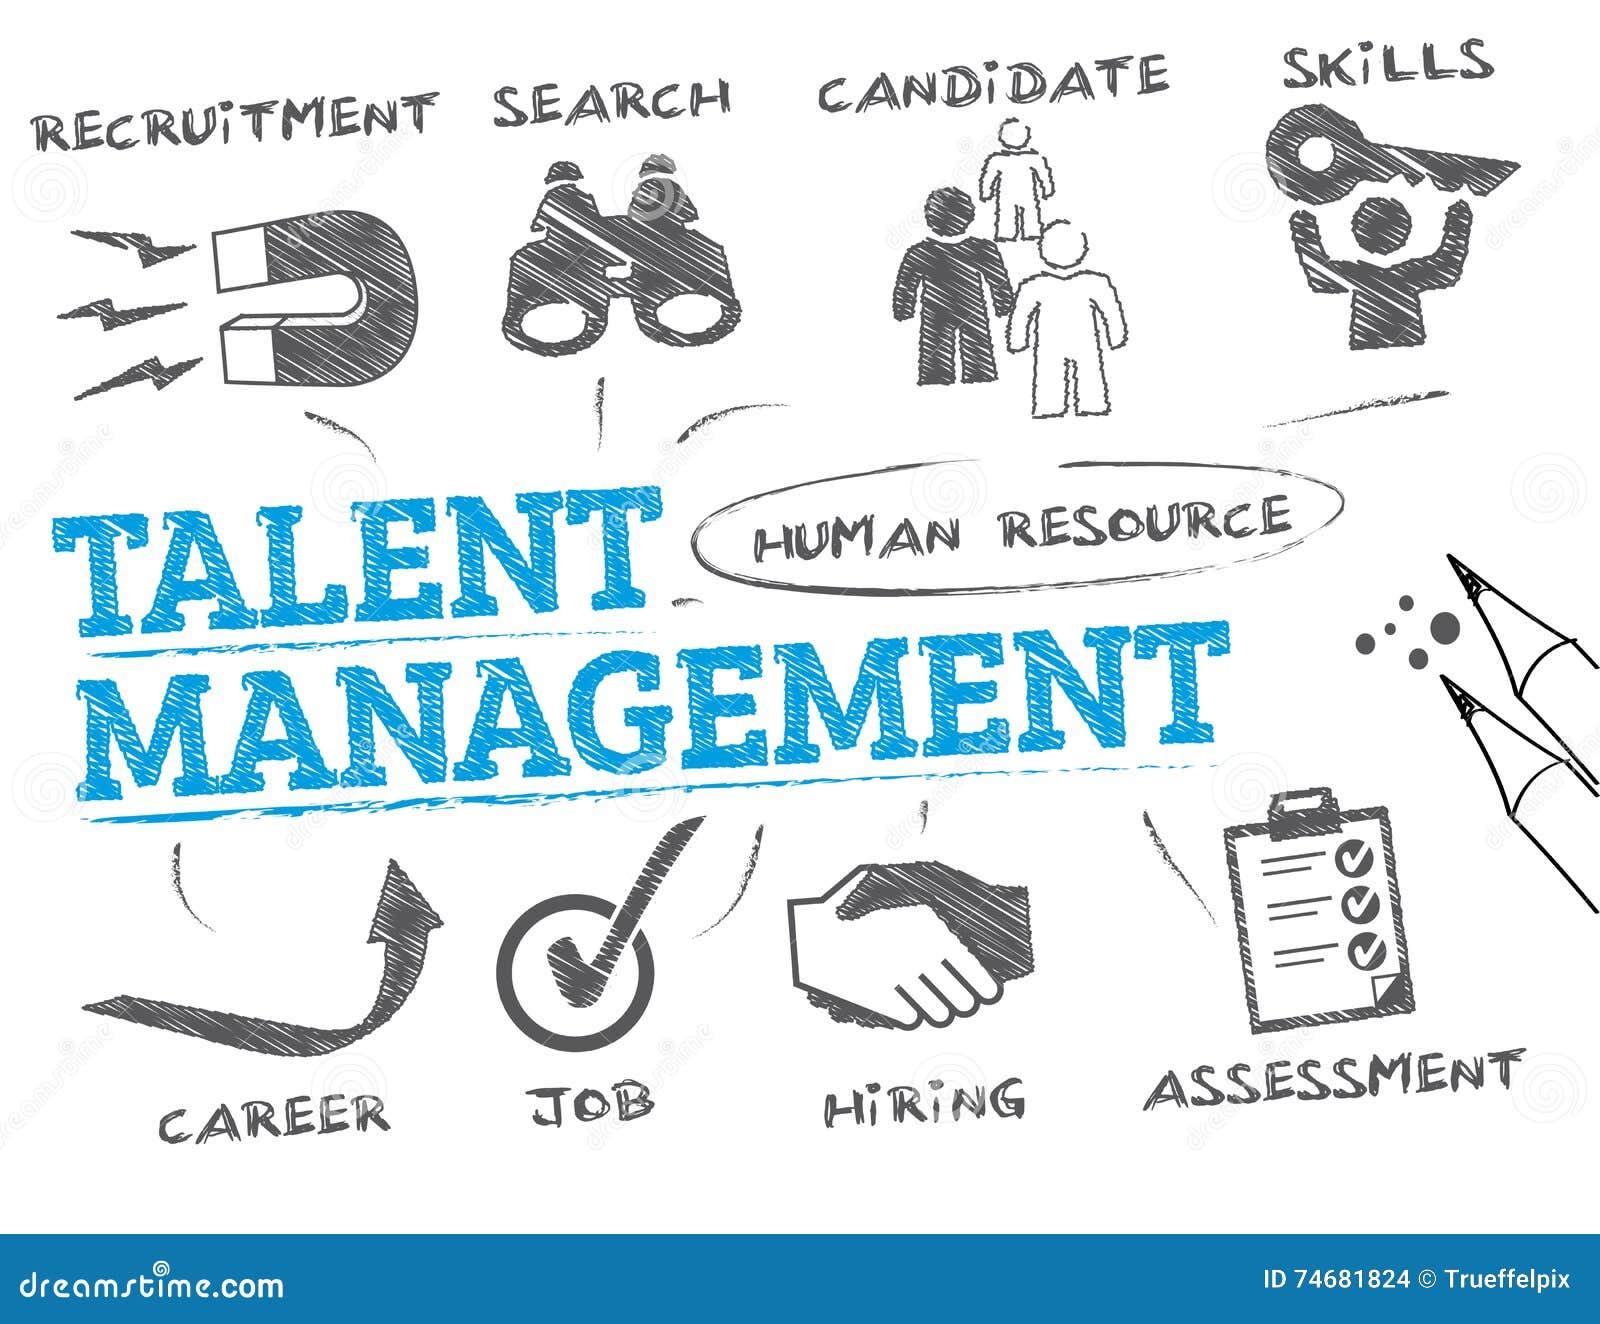 Talent Management Concept Stock Photo Image 74681824